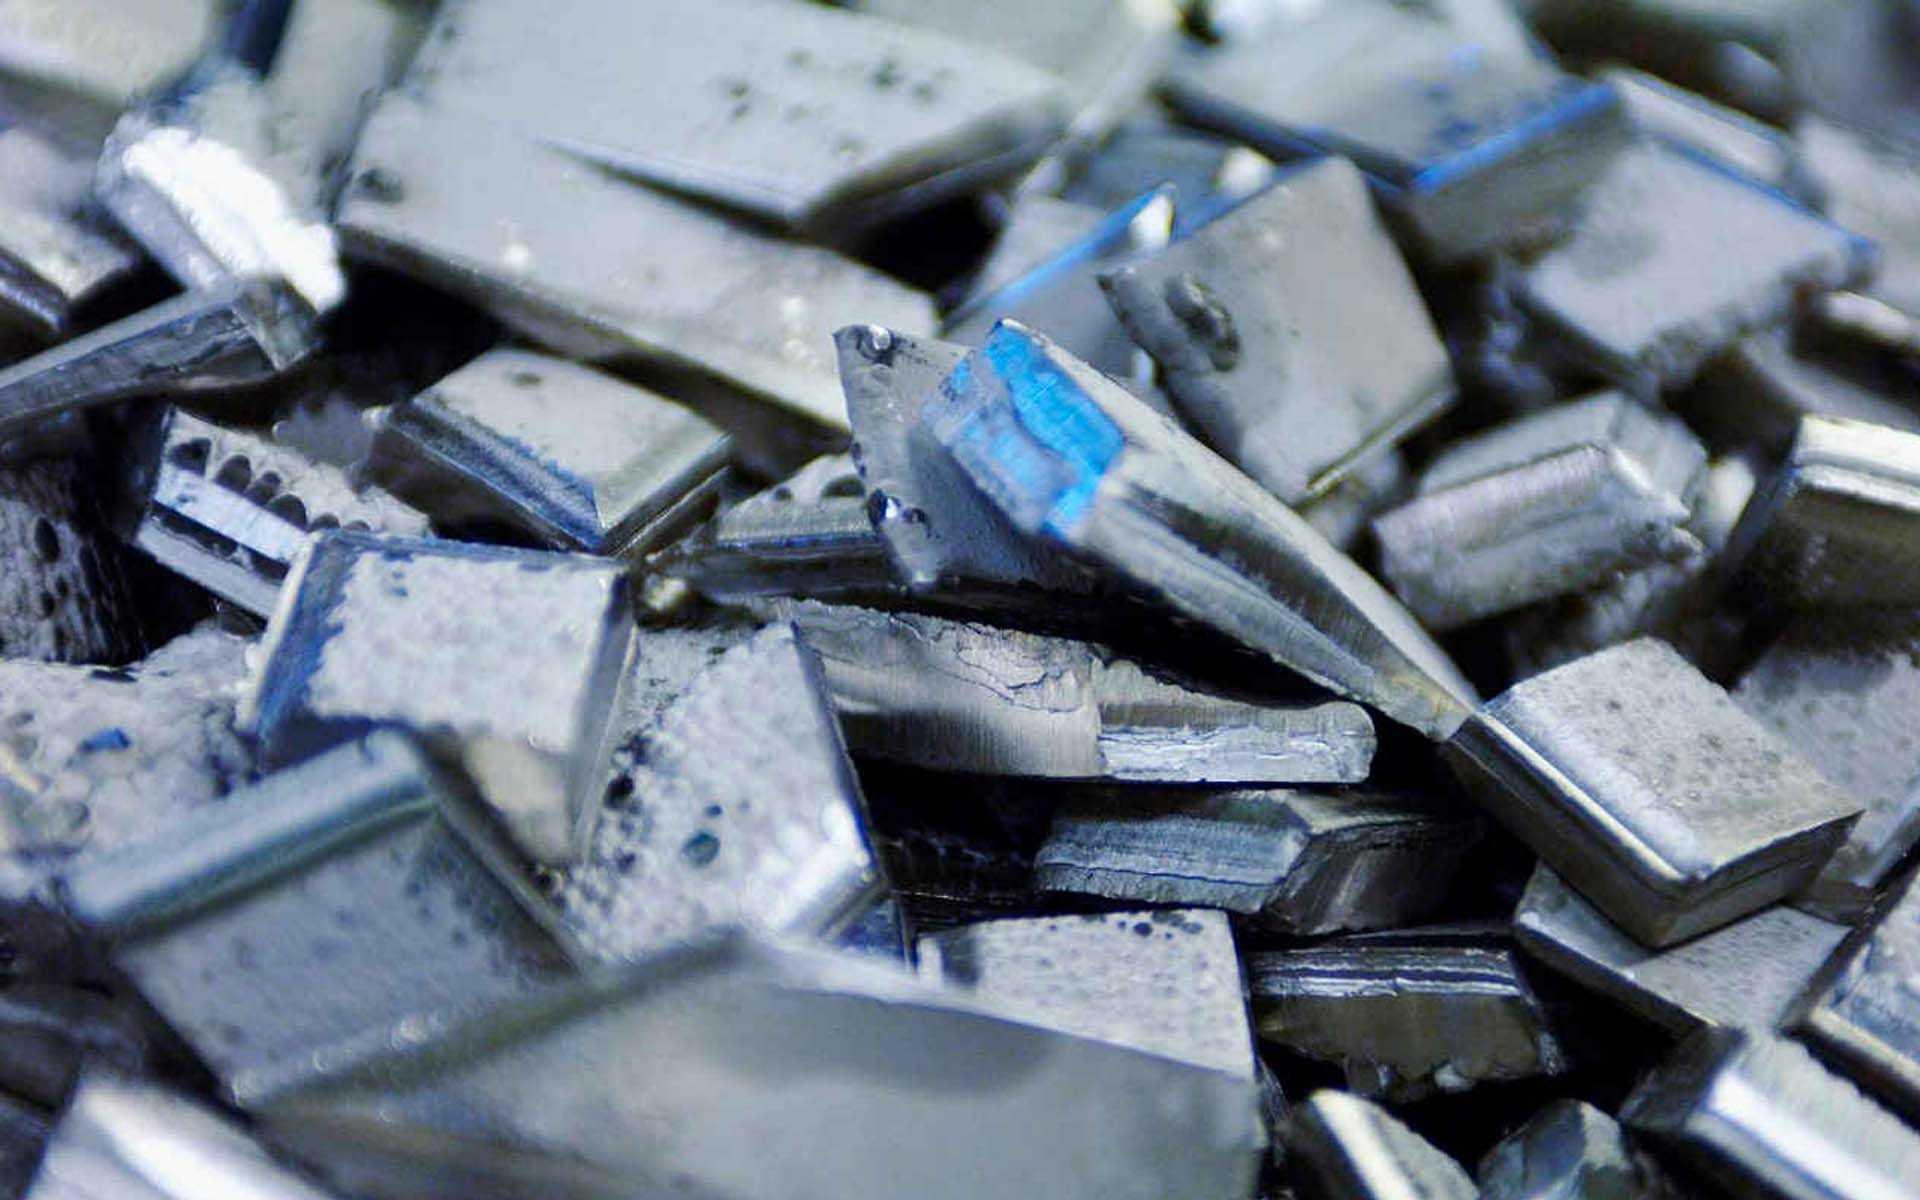 Сколько стоит никель 1 кг в рублях в 2018